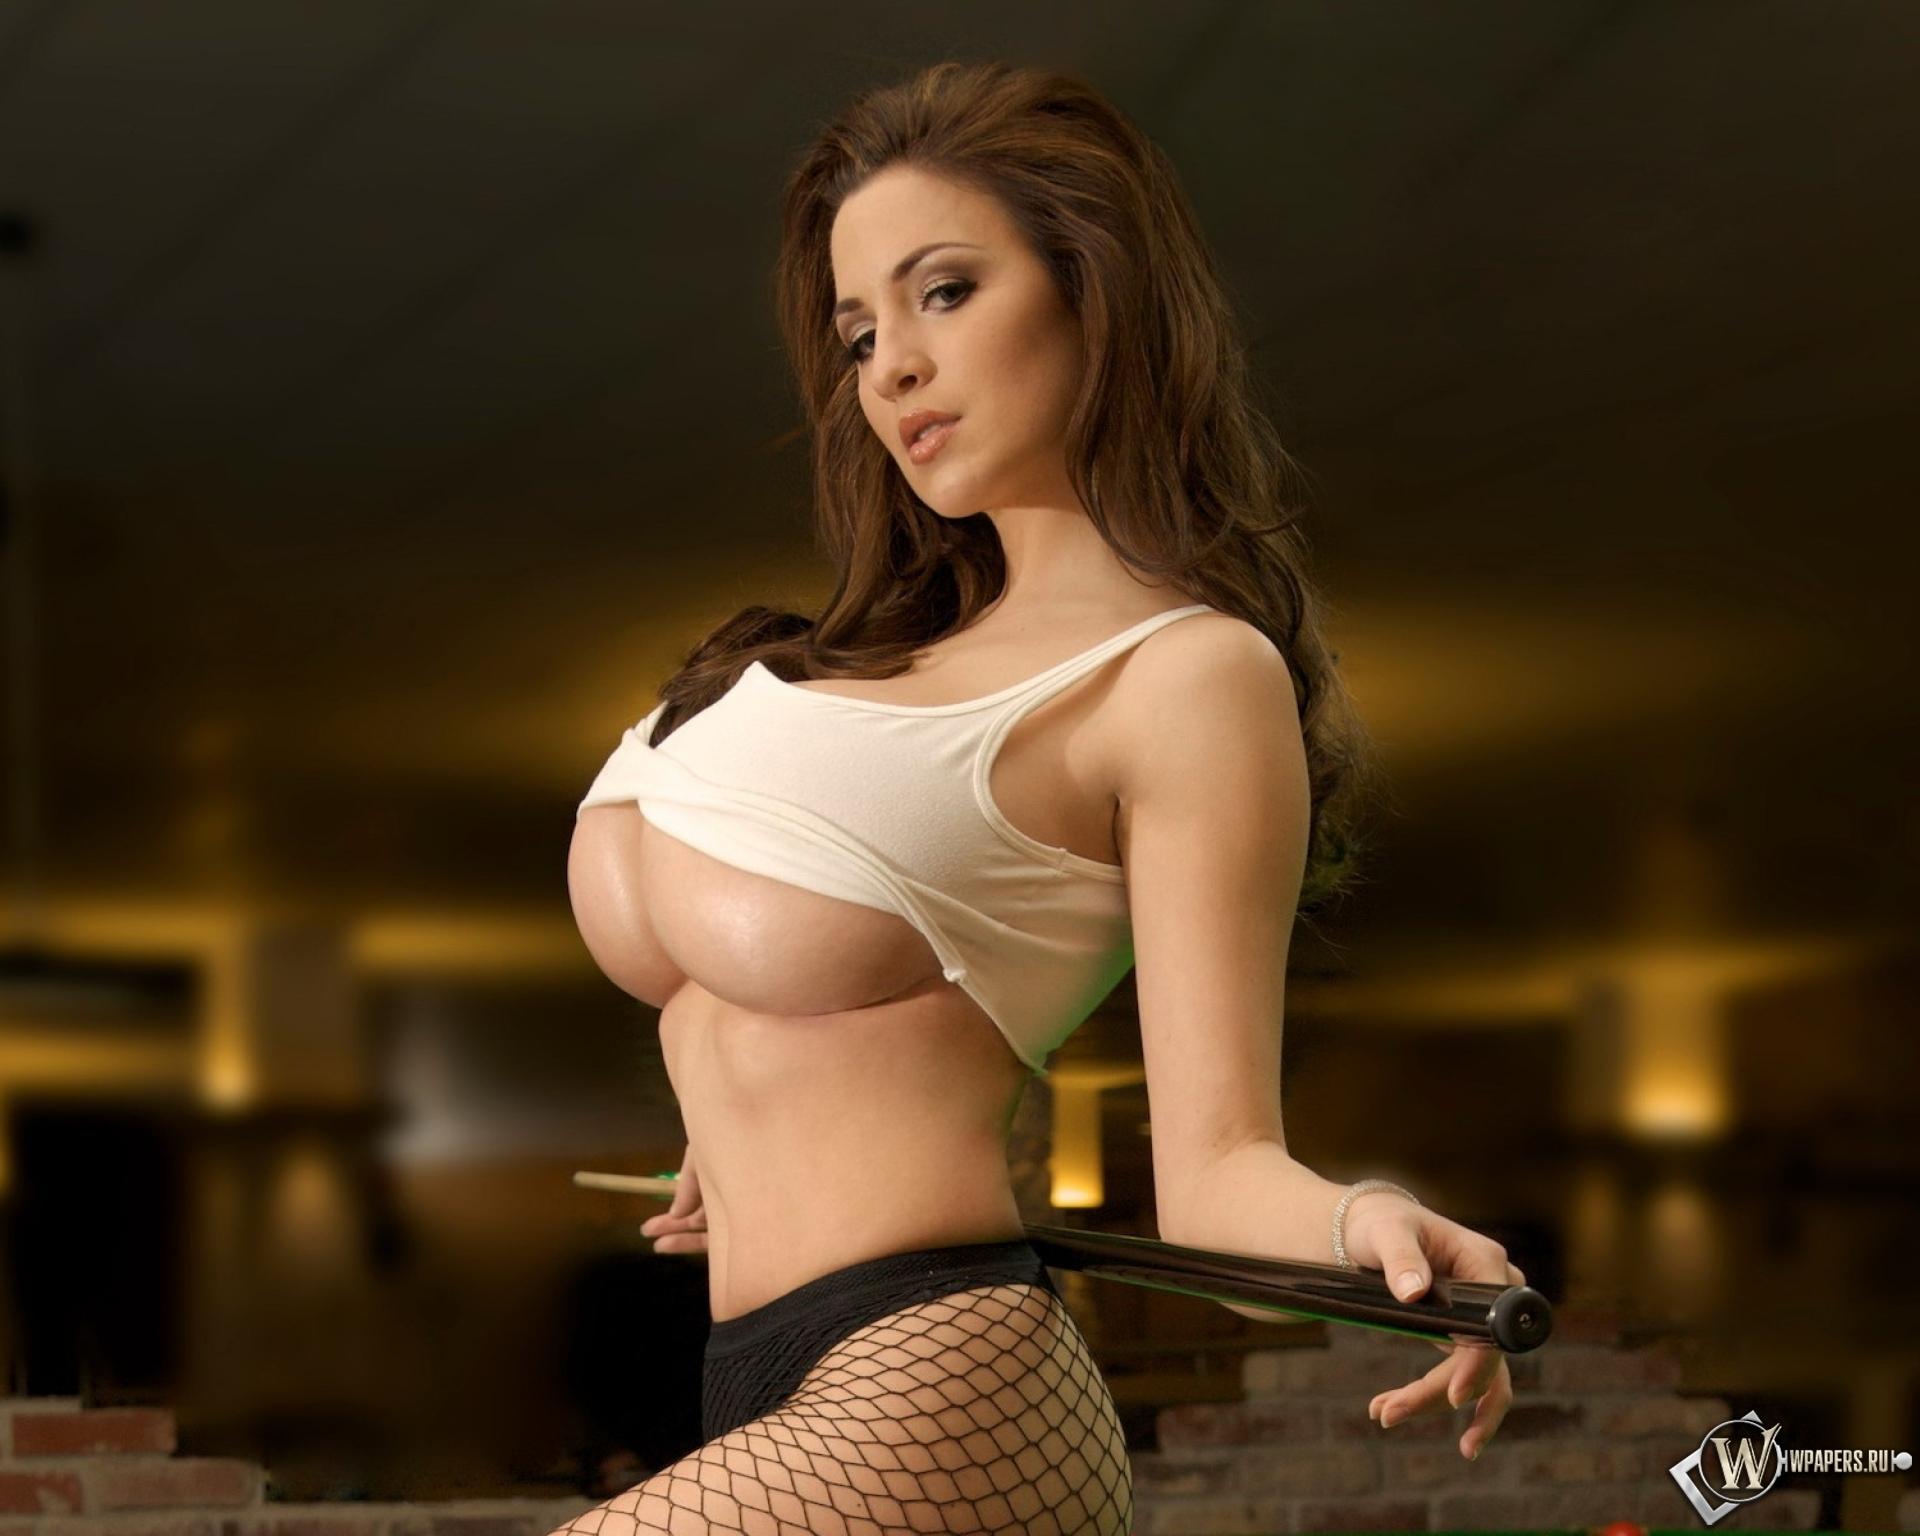 Секс фoтр сексуалние девушка 21 фотография